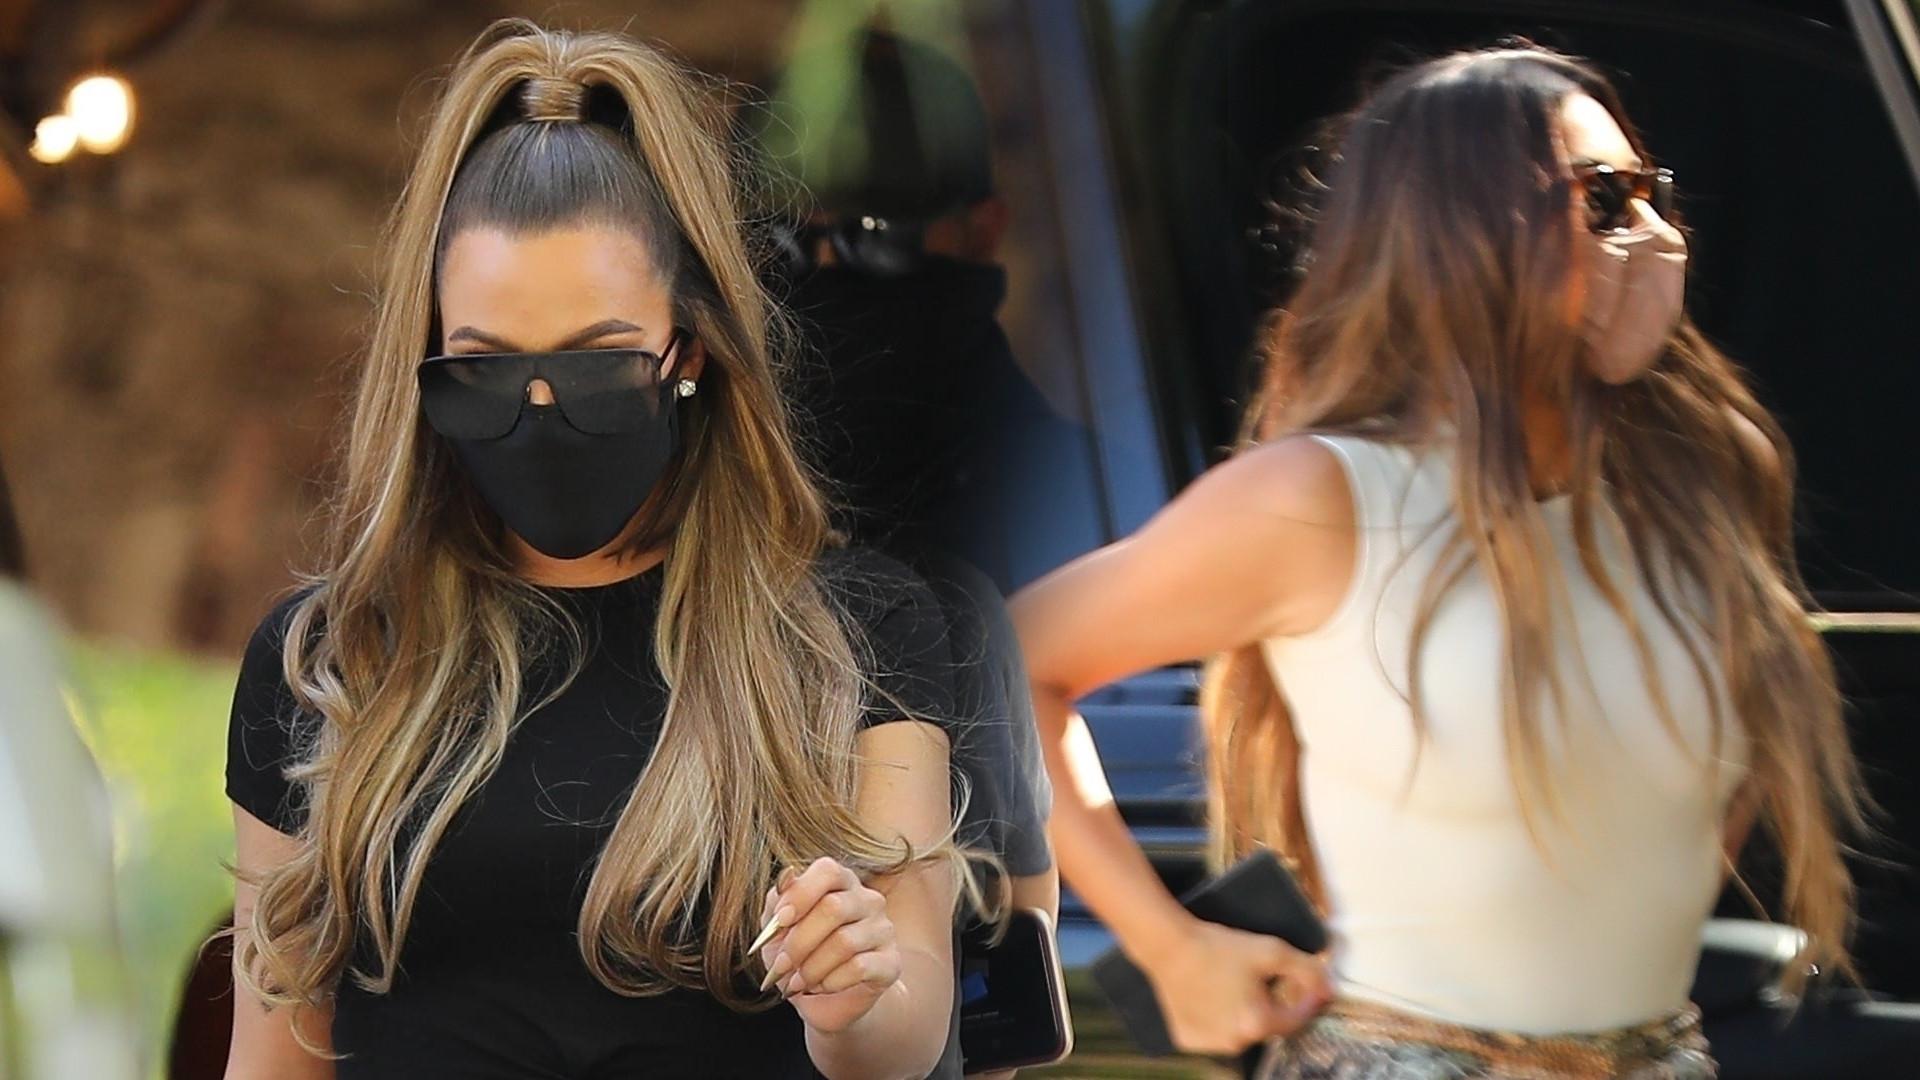 Dawno niewidziane Kardashianki na spotkaniu z przyjaciółką – Khloe jest coraz CHUDSZA! (ZDJĘCIA)